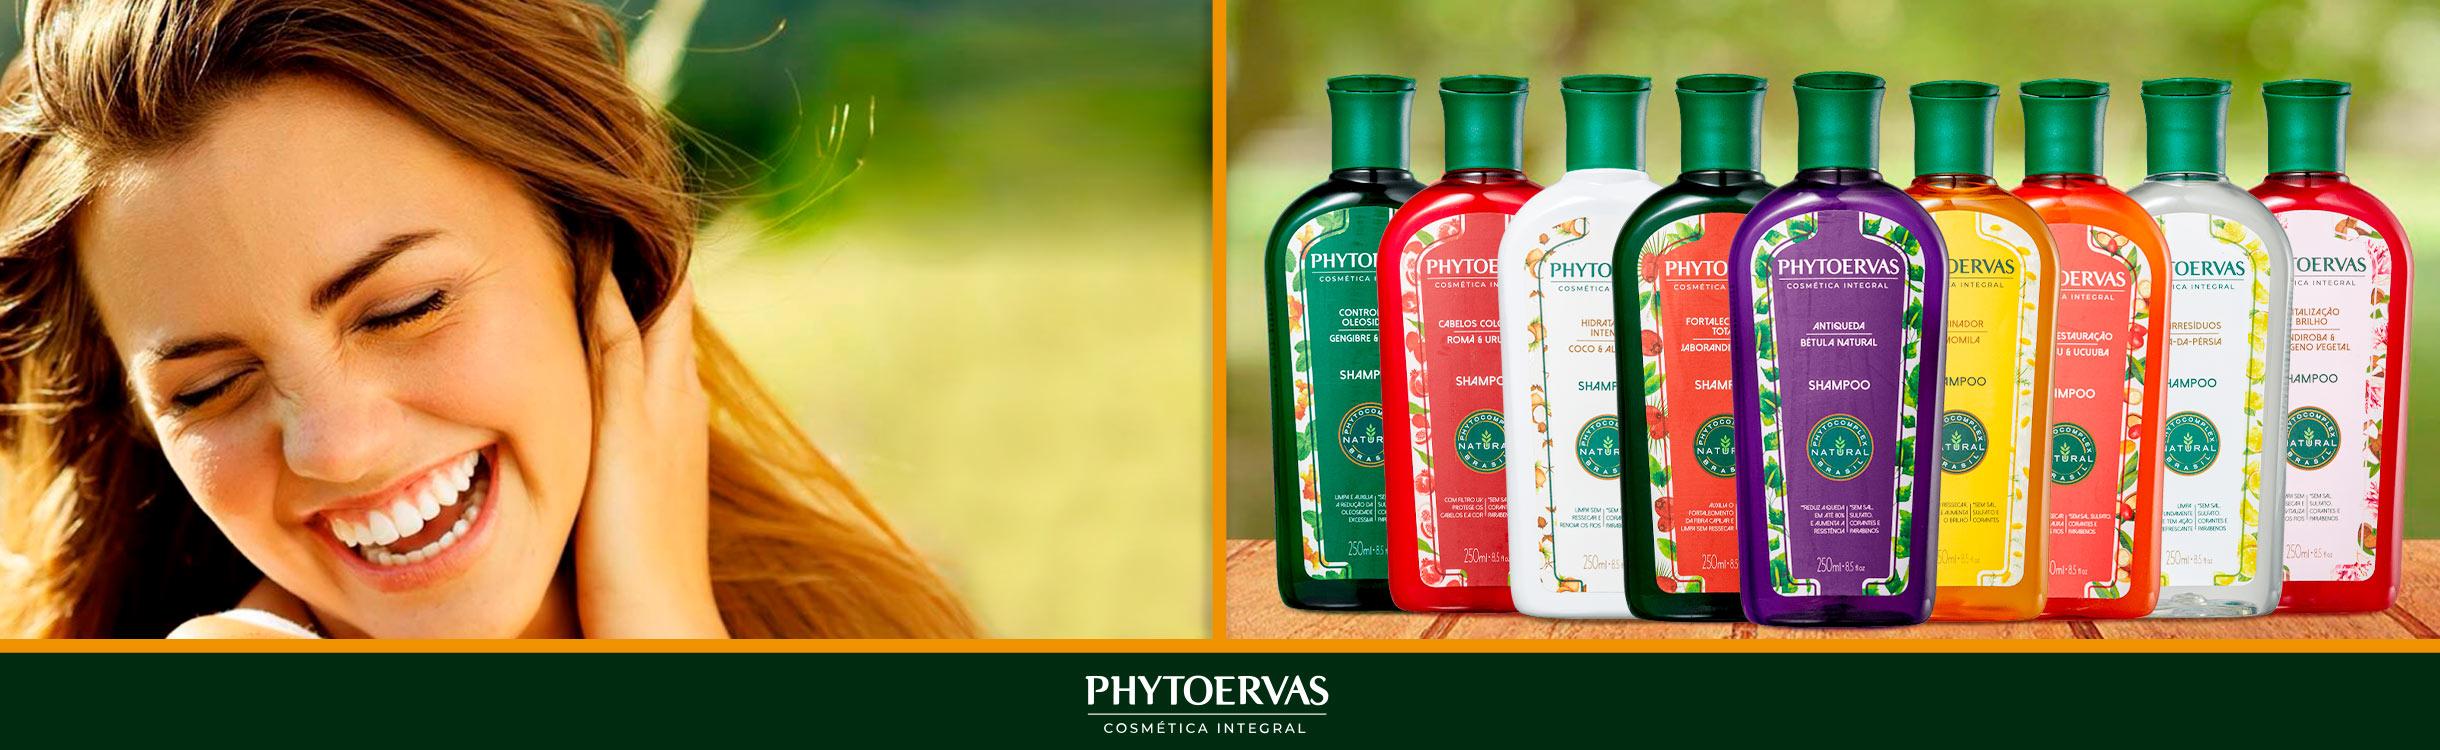 Shampoo Phytoervas